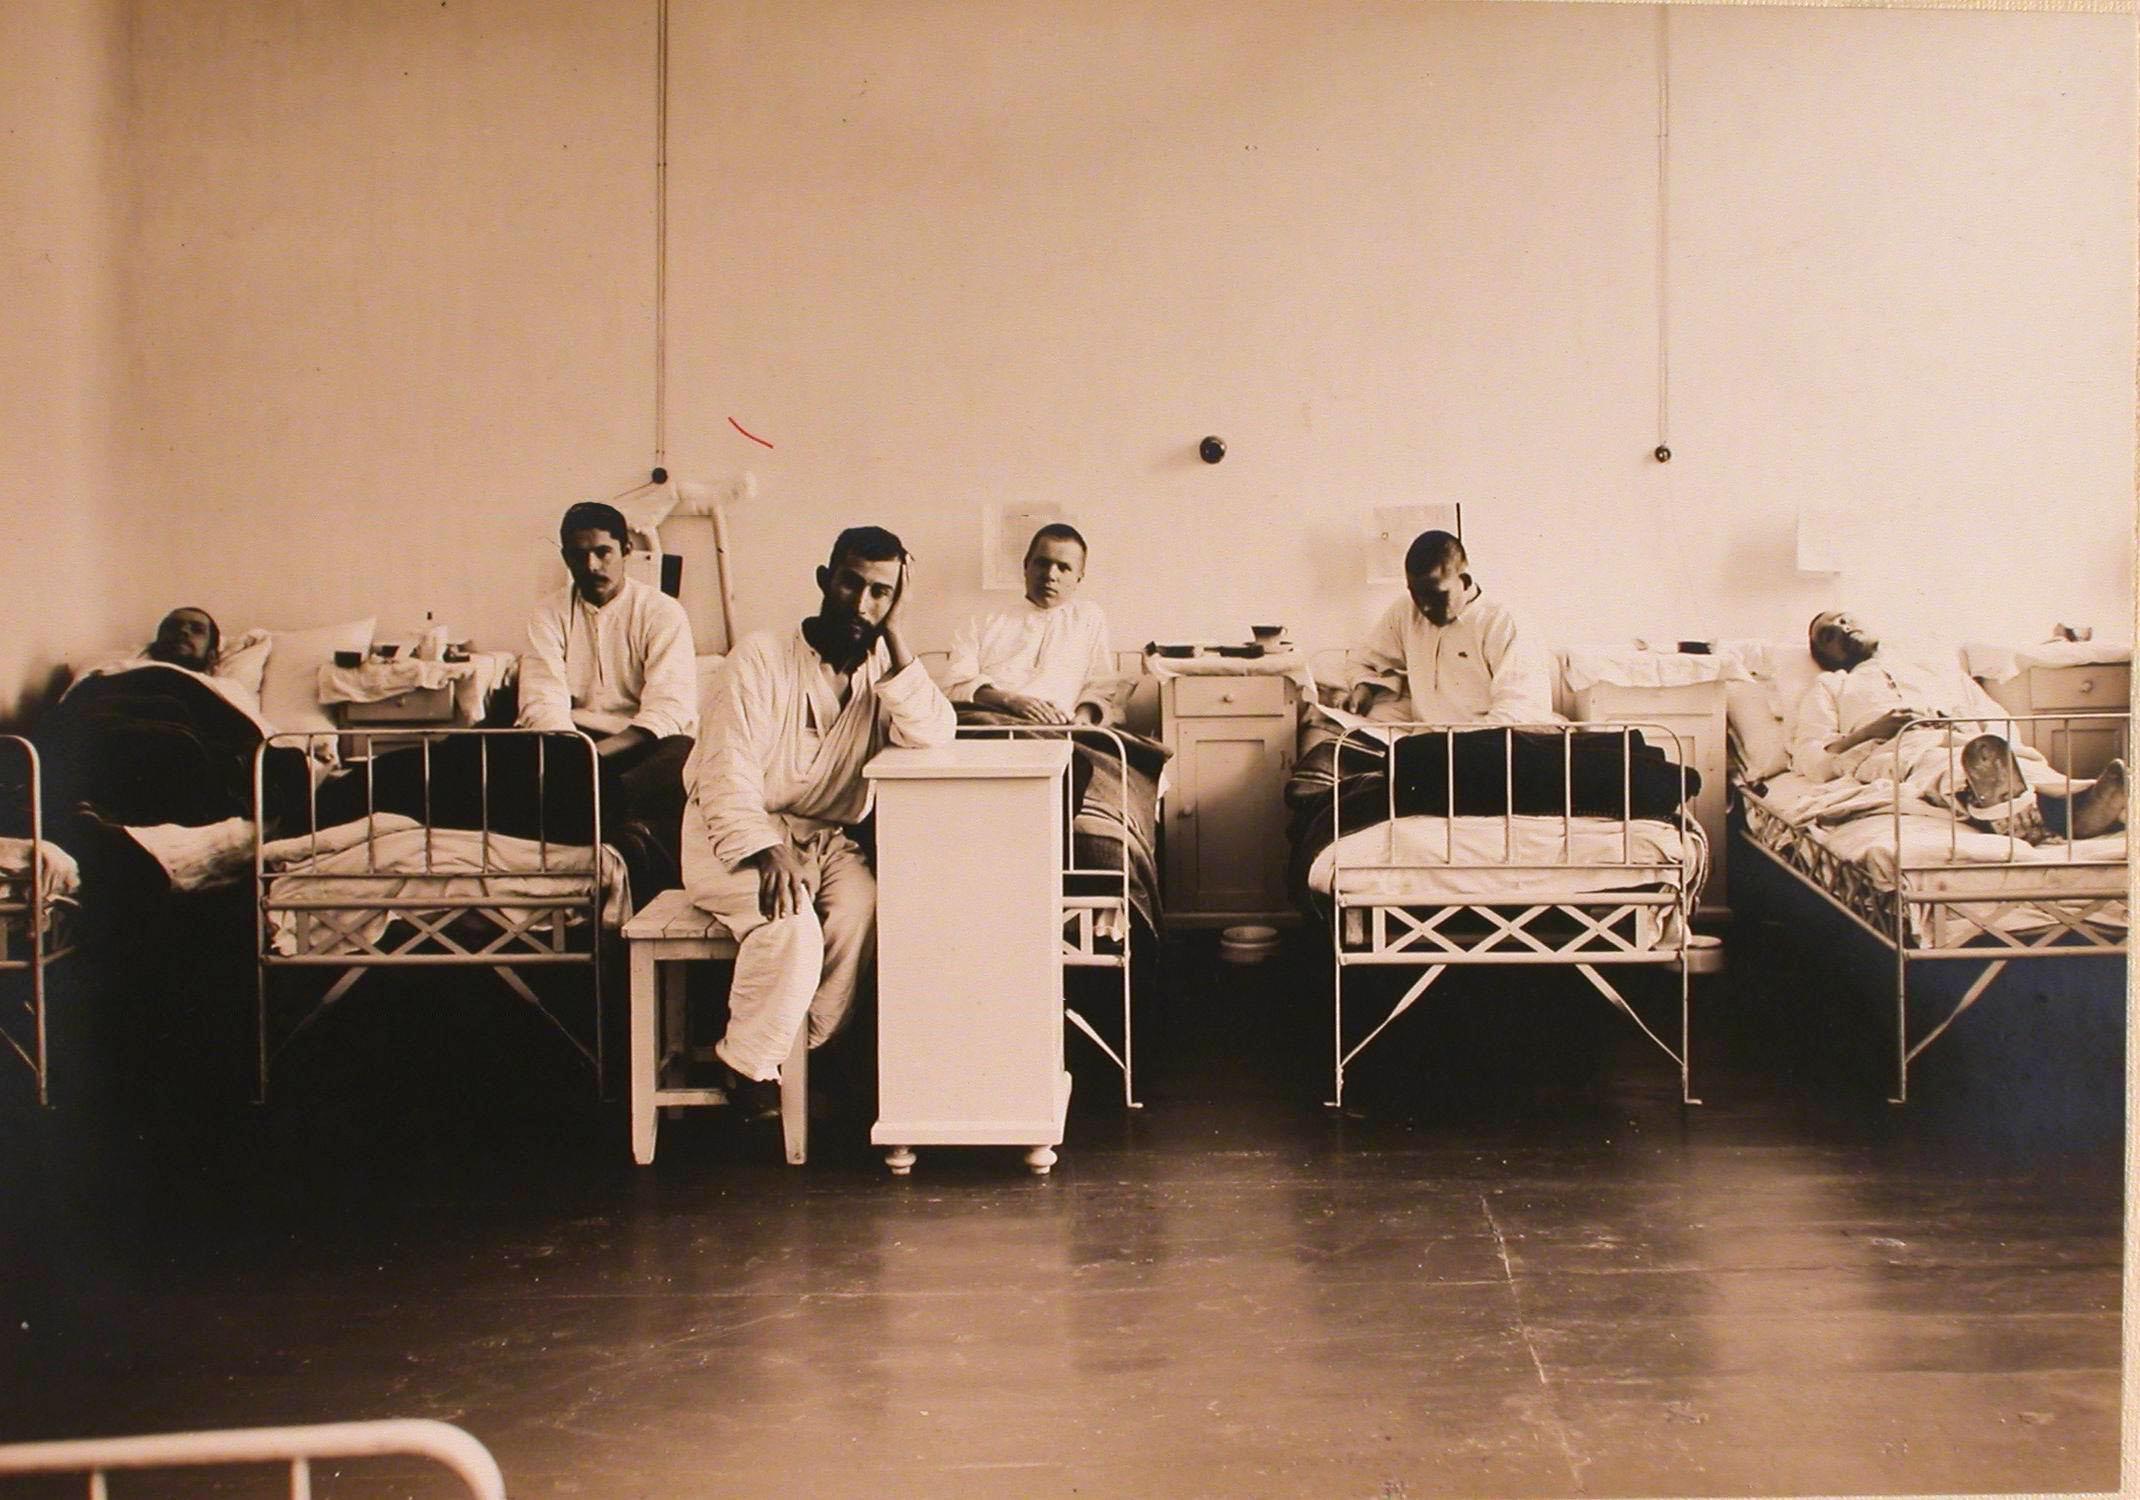 06. Раненые в одной из палат госпиталя №1